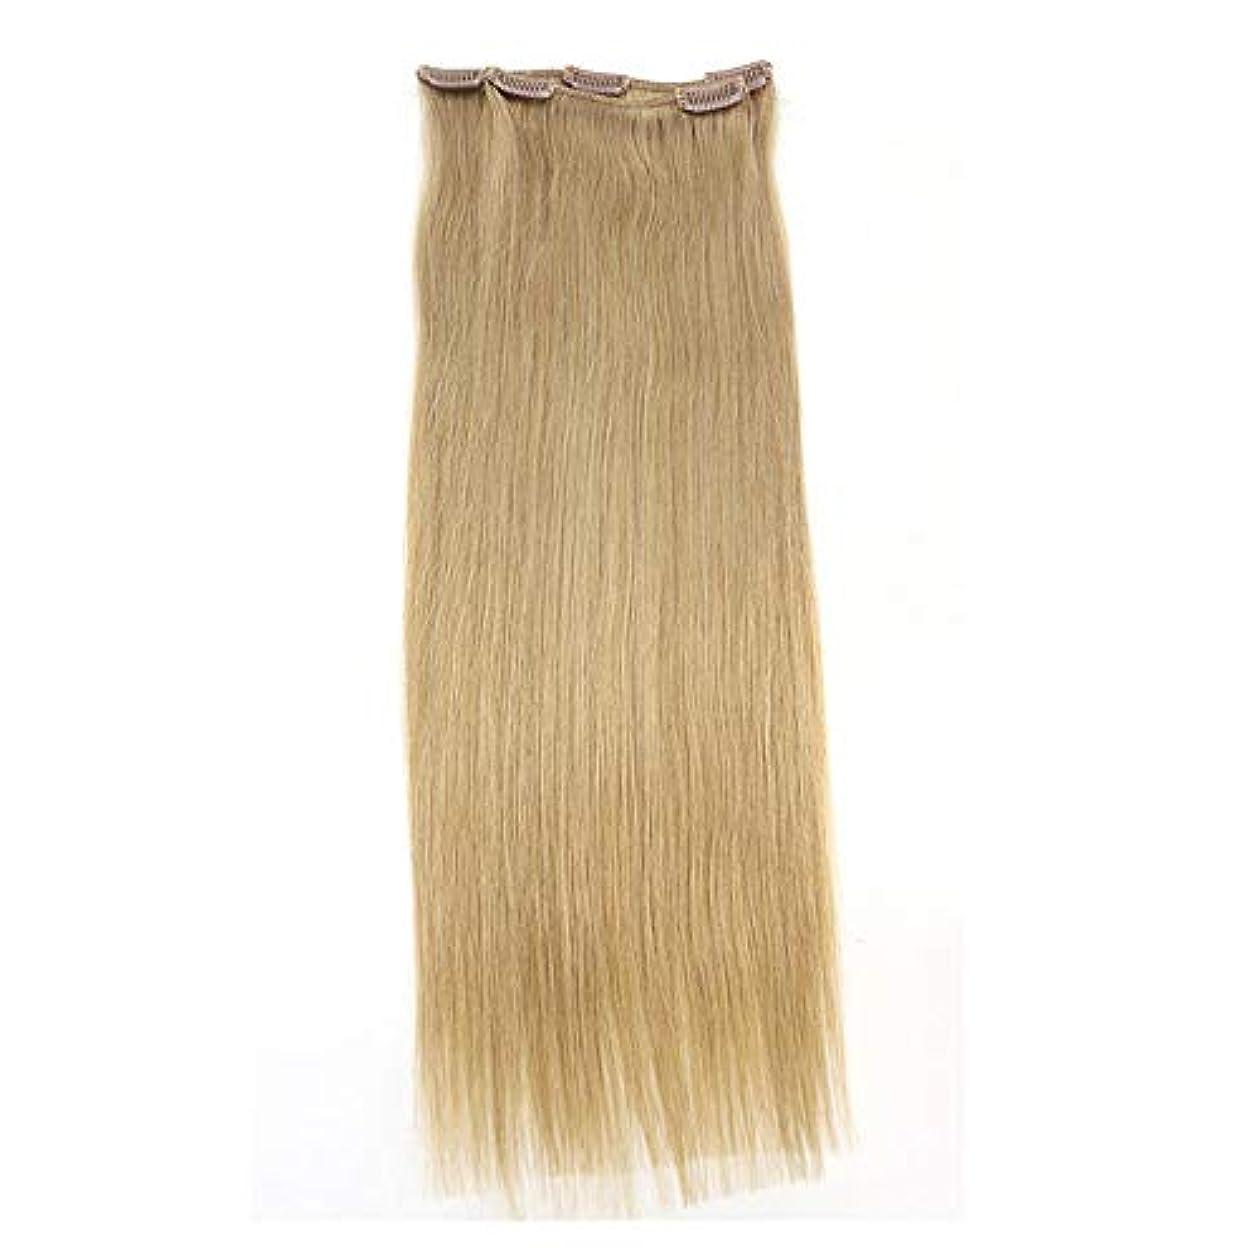 オピエートけん引広がりWASAIO 女性のためのワンピースロング真でヘアエクステンションクリップ裏地なし髪型ブロンド色のヒトクリップ (色 : Blonde, サイズ : 16 inch)